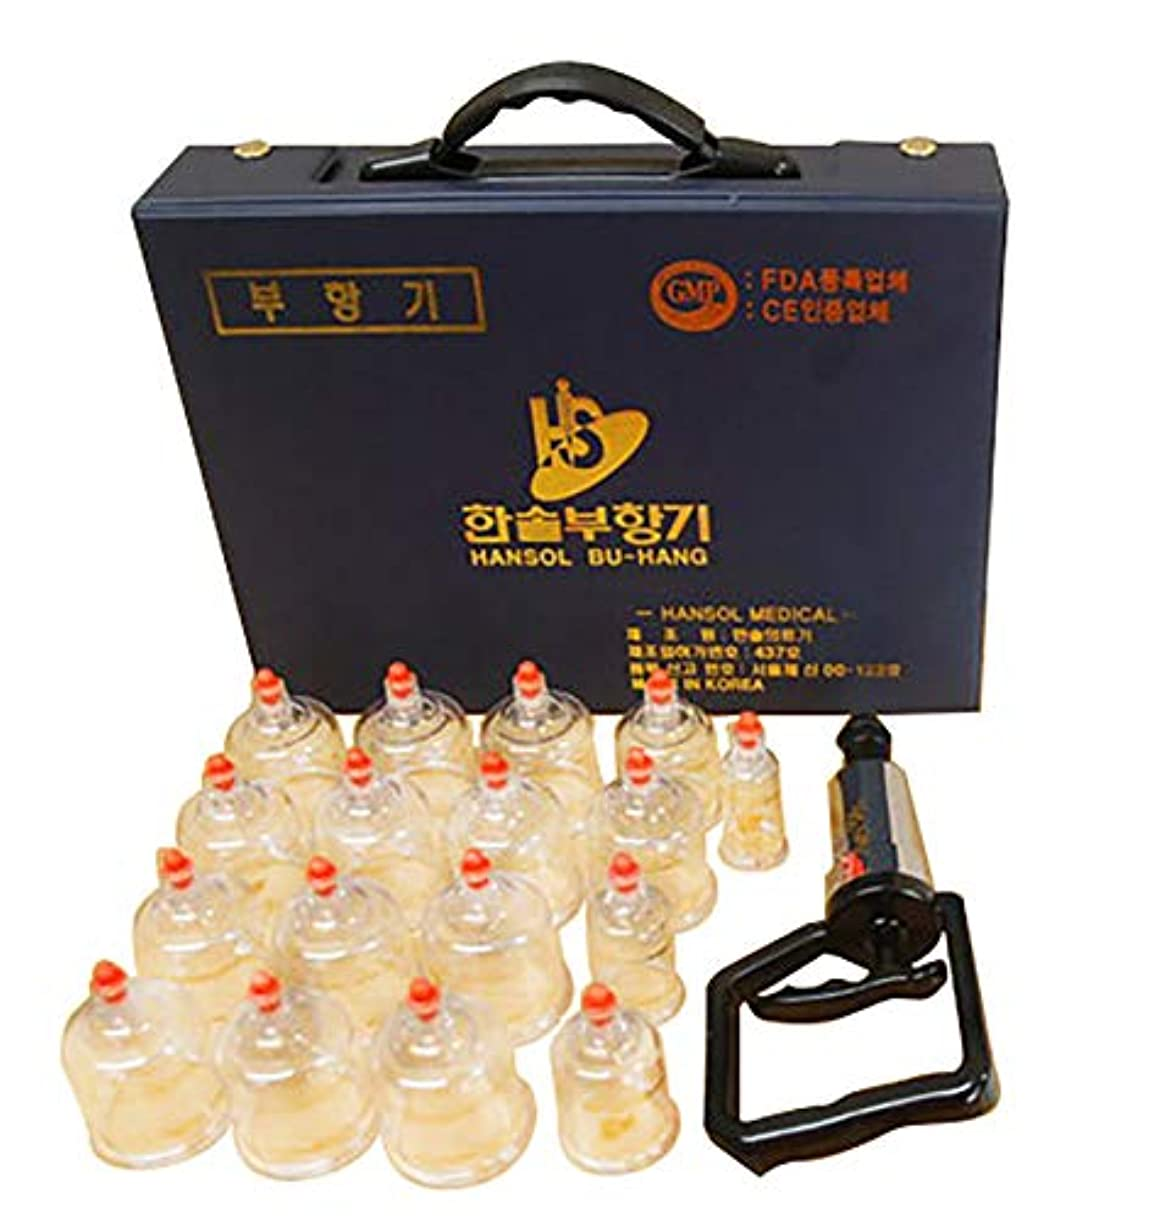 先警官変化中国四千年の健康法「吸玉」がご家庭で手軽にできる!ハンソルメディカル ブハン カッピングカップ17個セット